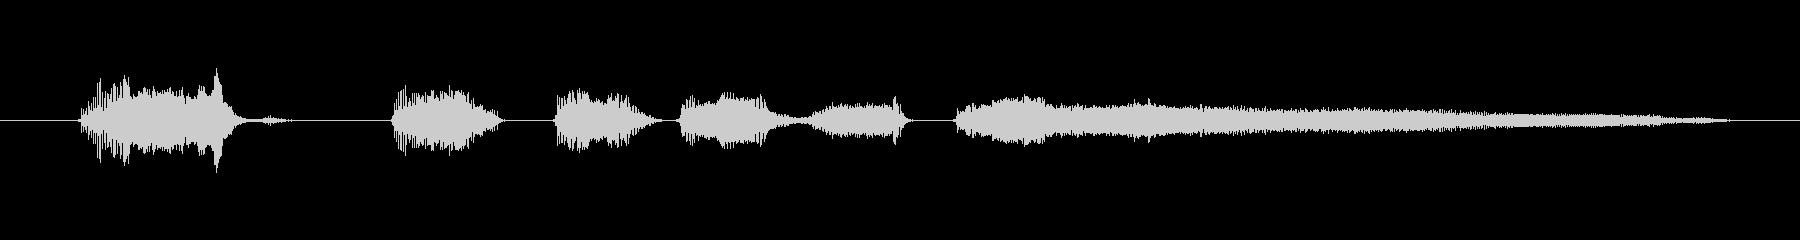 鳴き声 カズー笑い02の未再生の波形